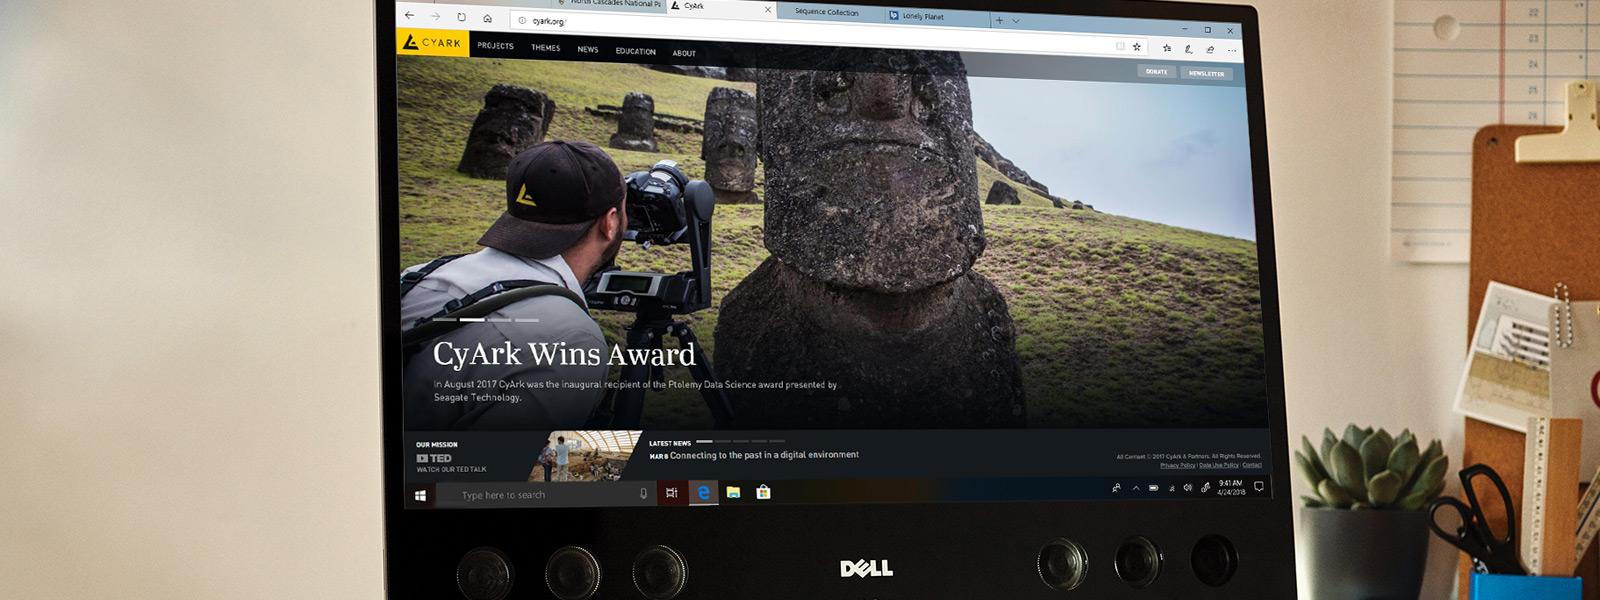 4K Ultra HD video görüntüleyen Microsoft Edge tarayıcısını gösteren masadaki bilgisayar monitörü